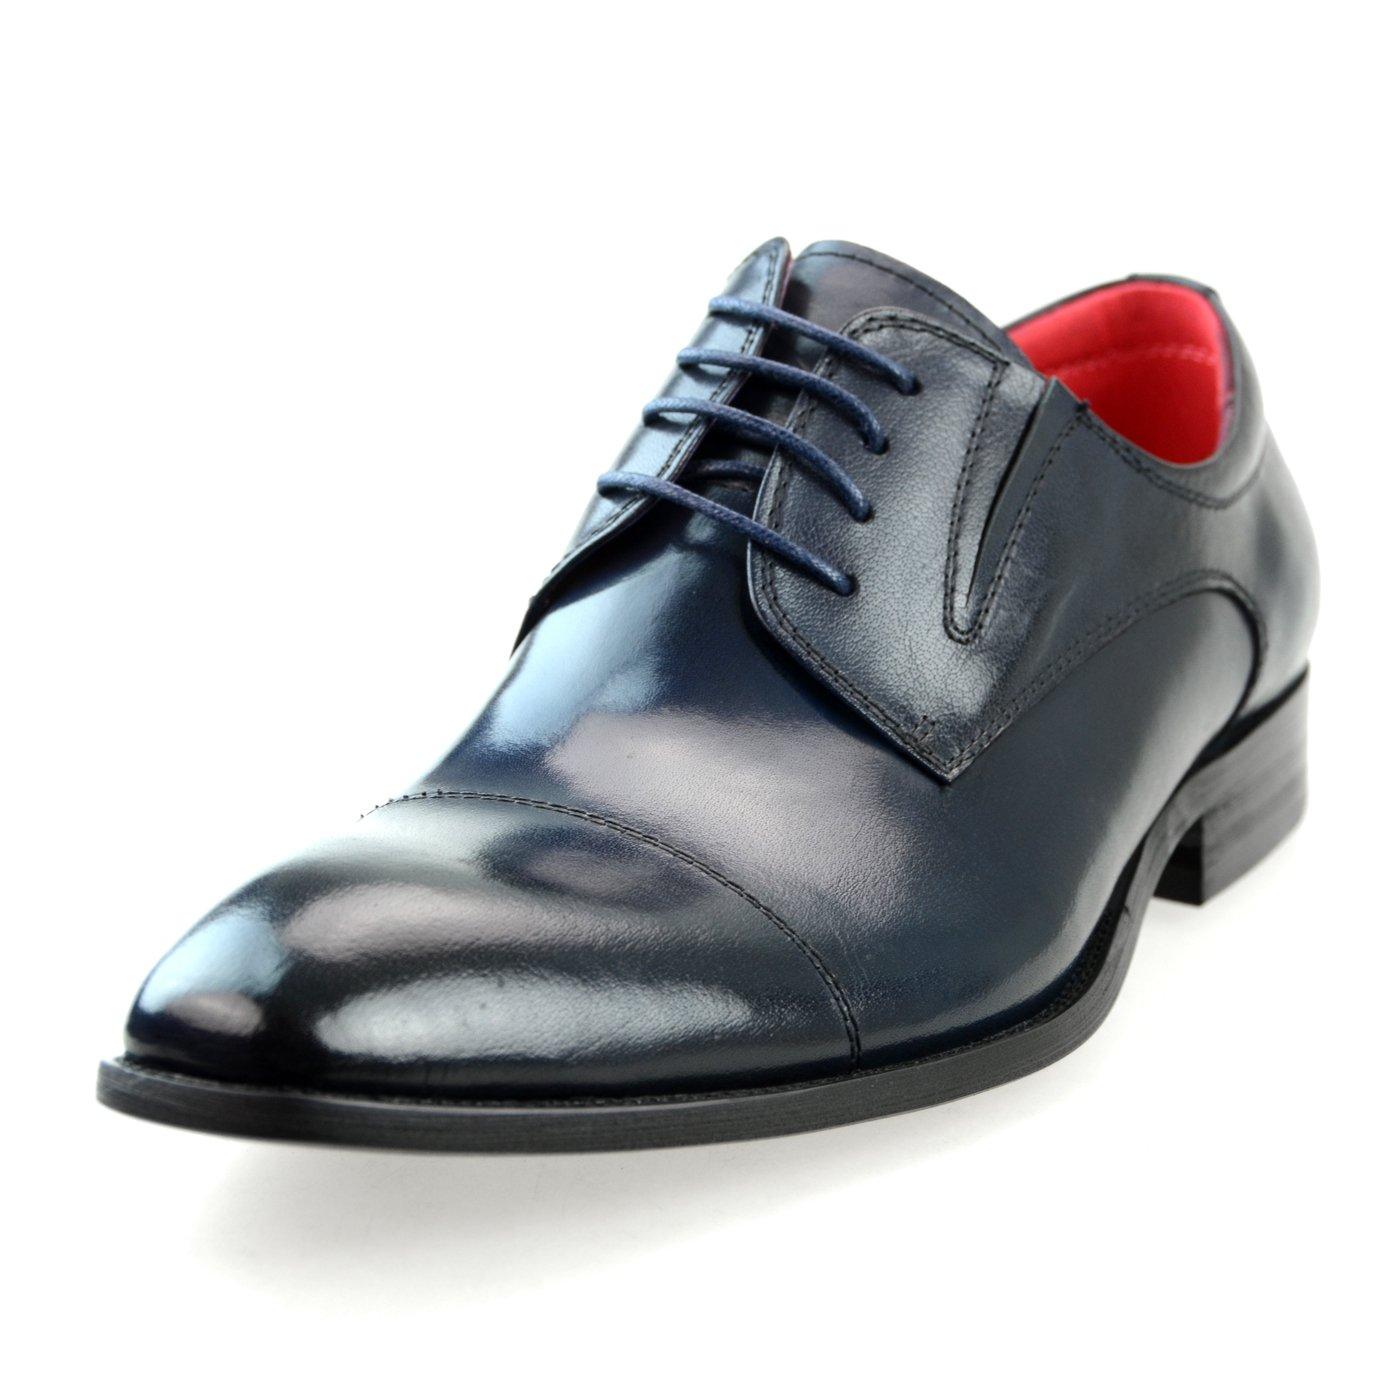 [ルシウス] LUCIUS 本革 ビジネスシューズ ドレスシューズ メンズ レザー 革靴 紳士靴 【AZ114B】 B00V9N8EJQ 26.0 cm 3E|LLT700-1 ネイビー LLT700-1 ネイビー 26.0 cm 3E